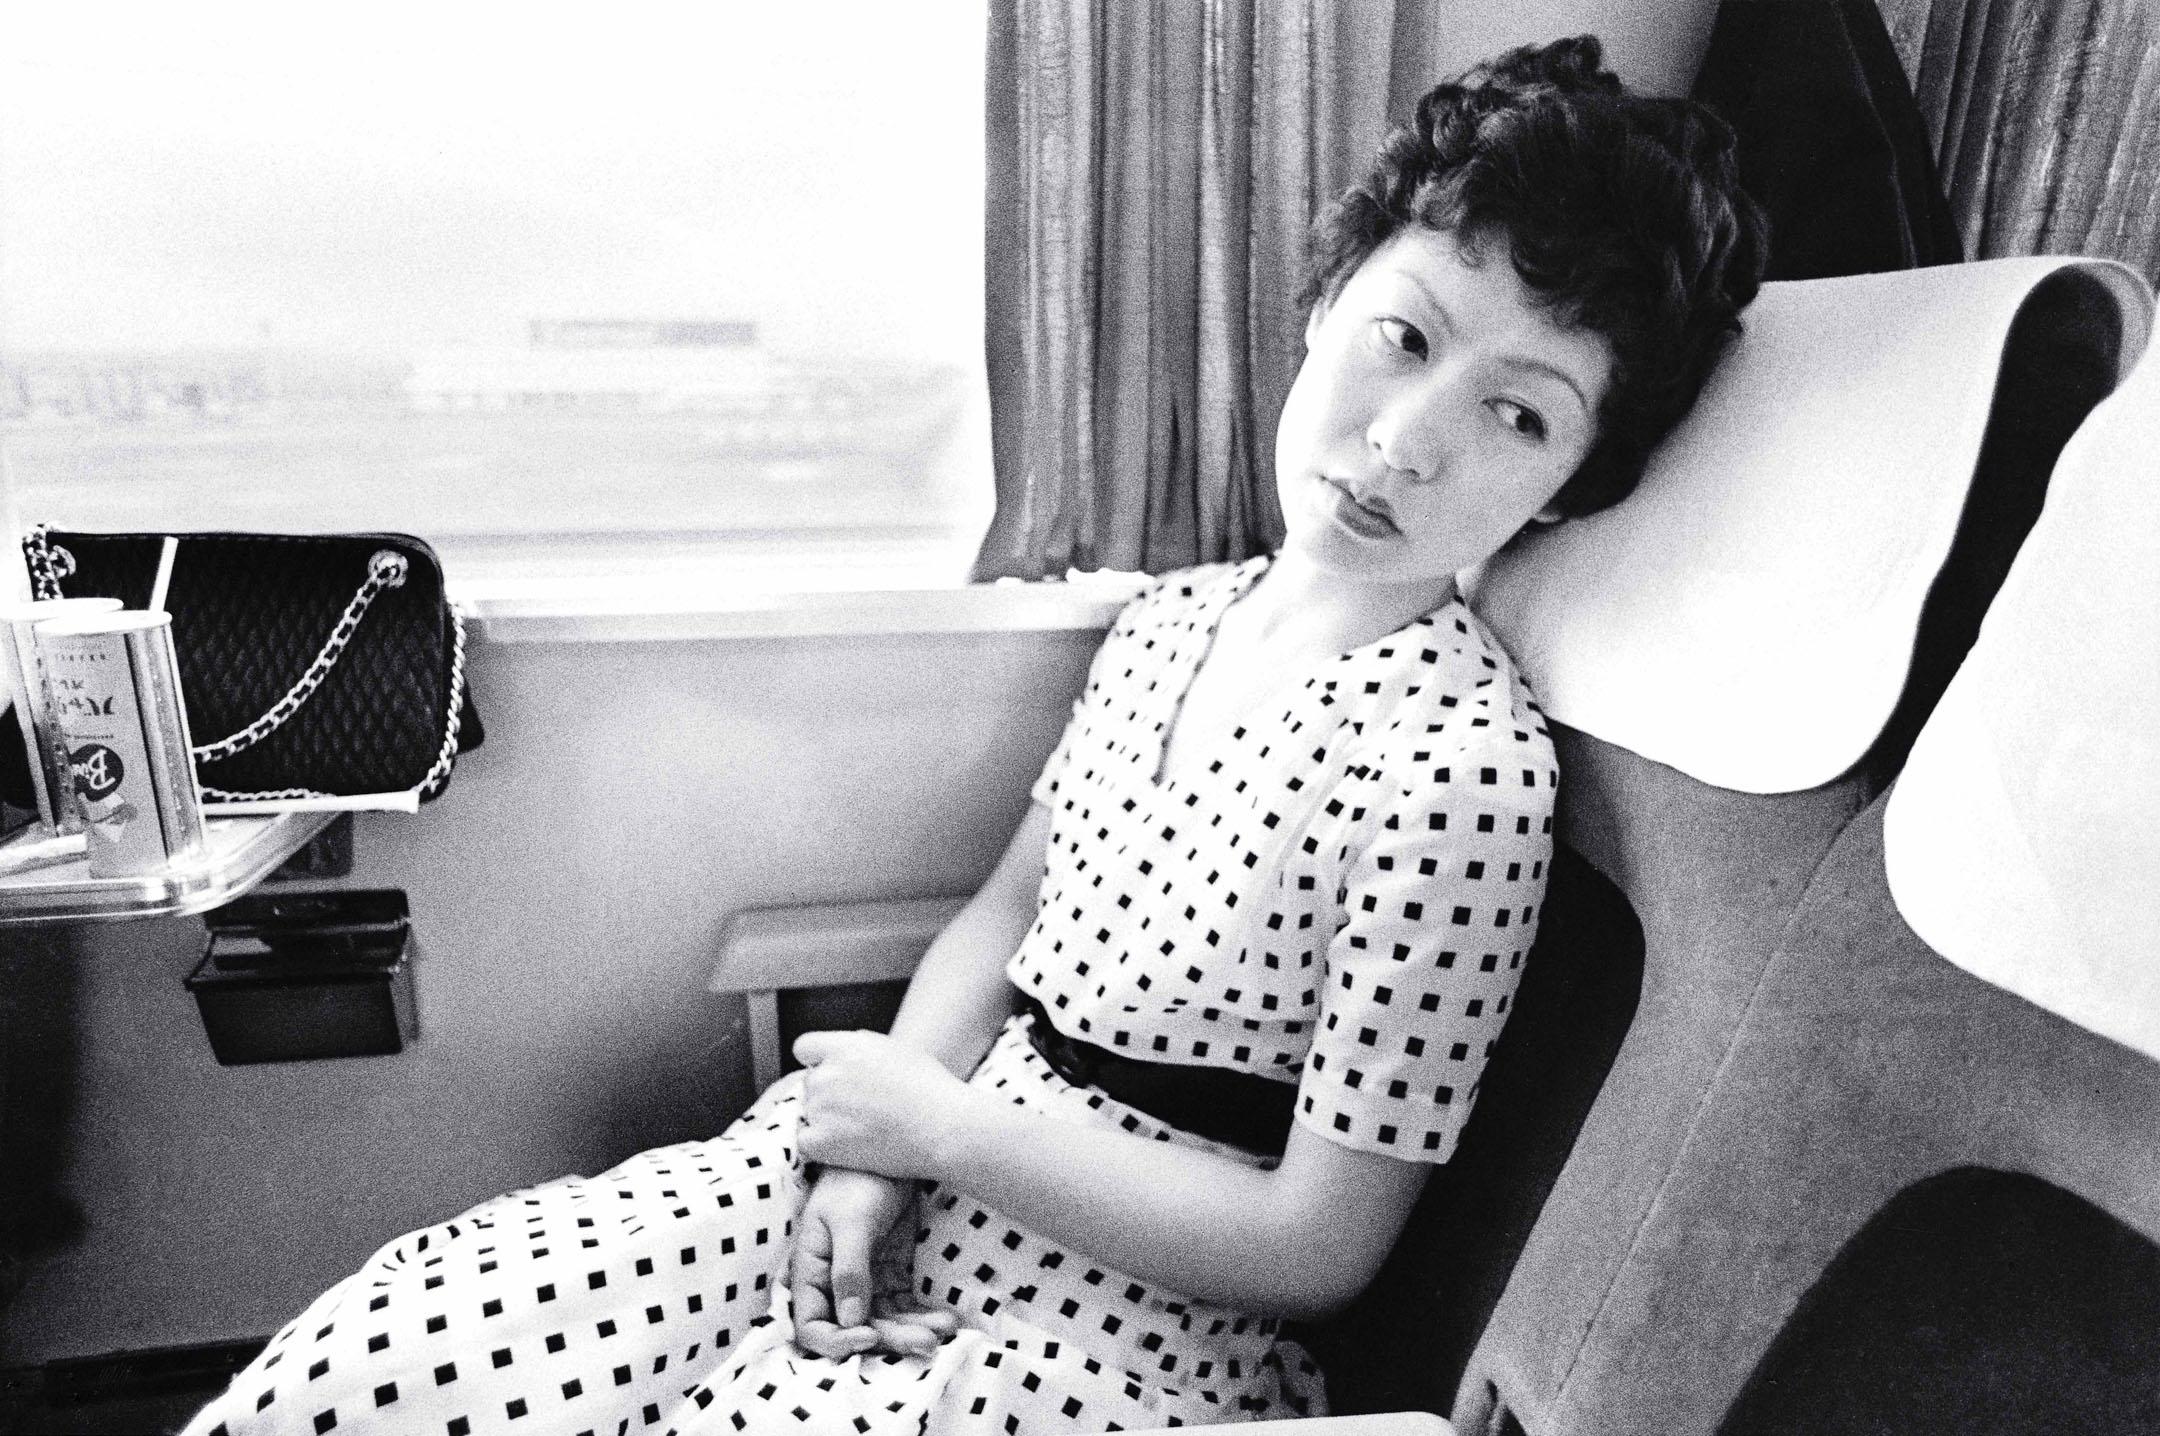 Otros 7 fotógrafos japoneses que debemos conocer.